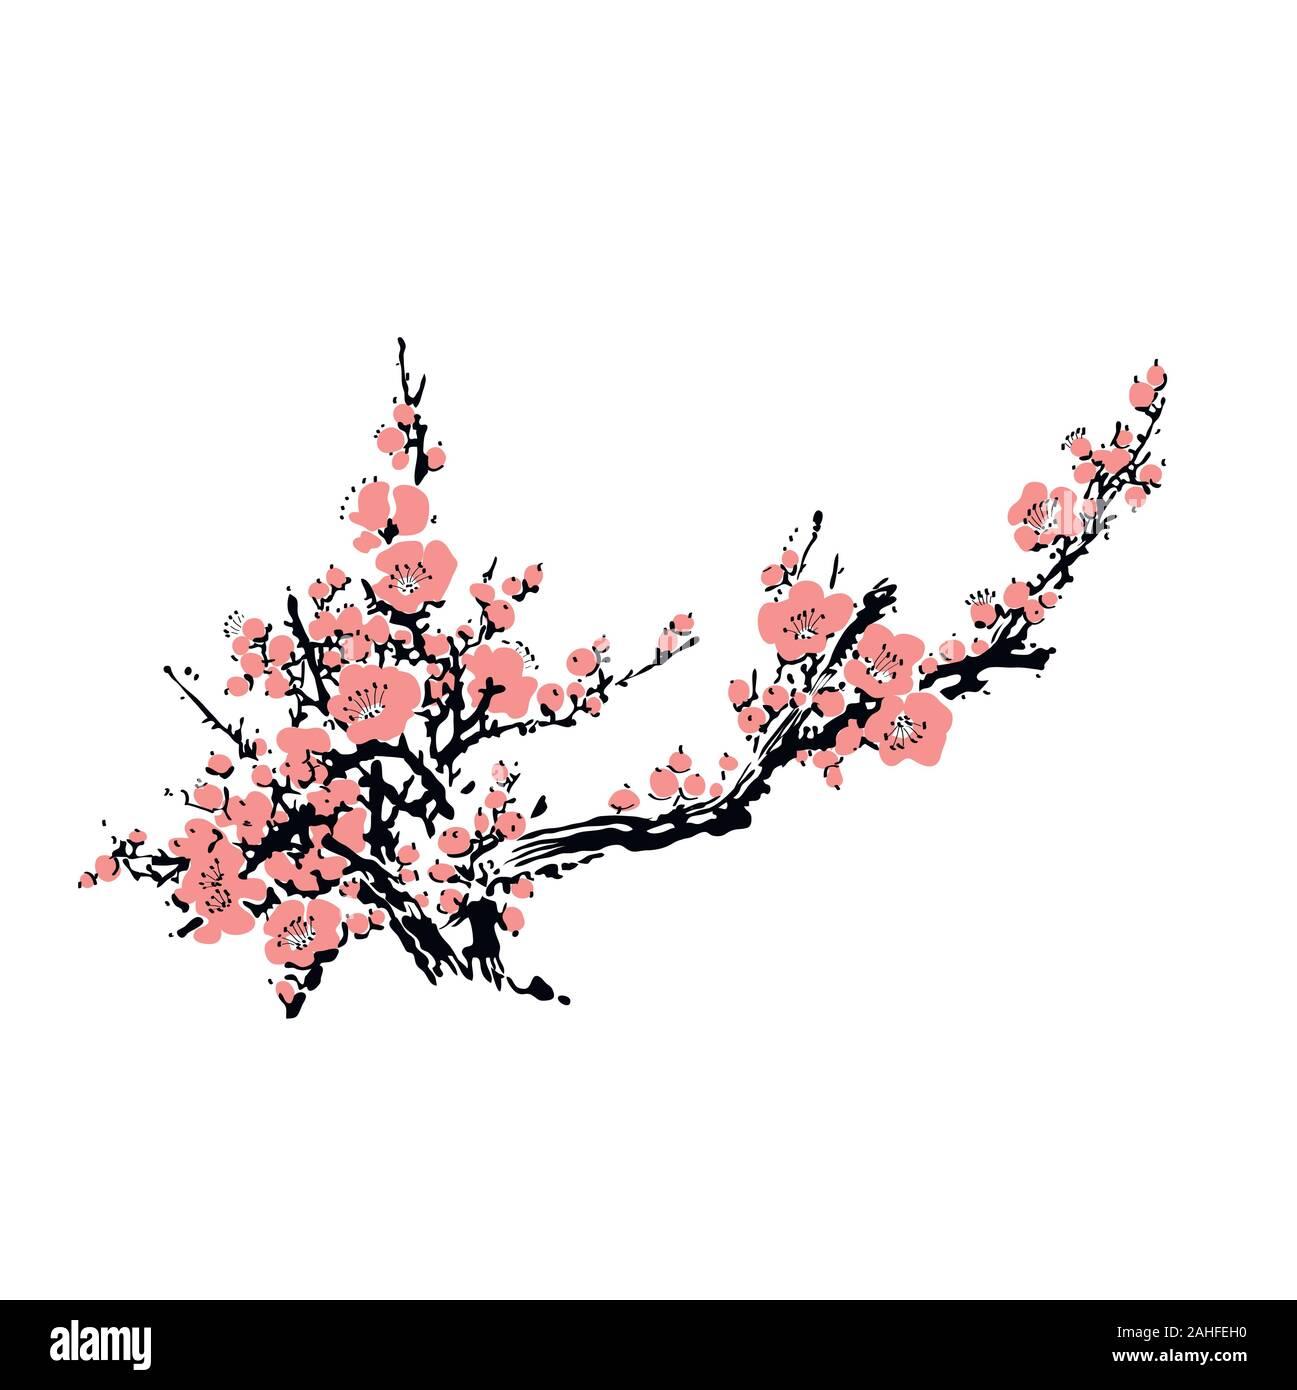 Cherry Blossom Bei Vorlage Mit Hand Gezeichnet Zweig Mit Pink Cherry Blumen Bluhen Realistische Sakura Blossom Japanische Kirsche Baum Chinesische Oder Japanische Traditionelle Zeichnen Vector Illustration Stock Vektorgrafik Alamy